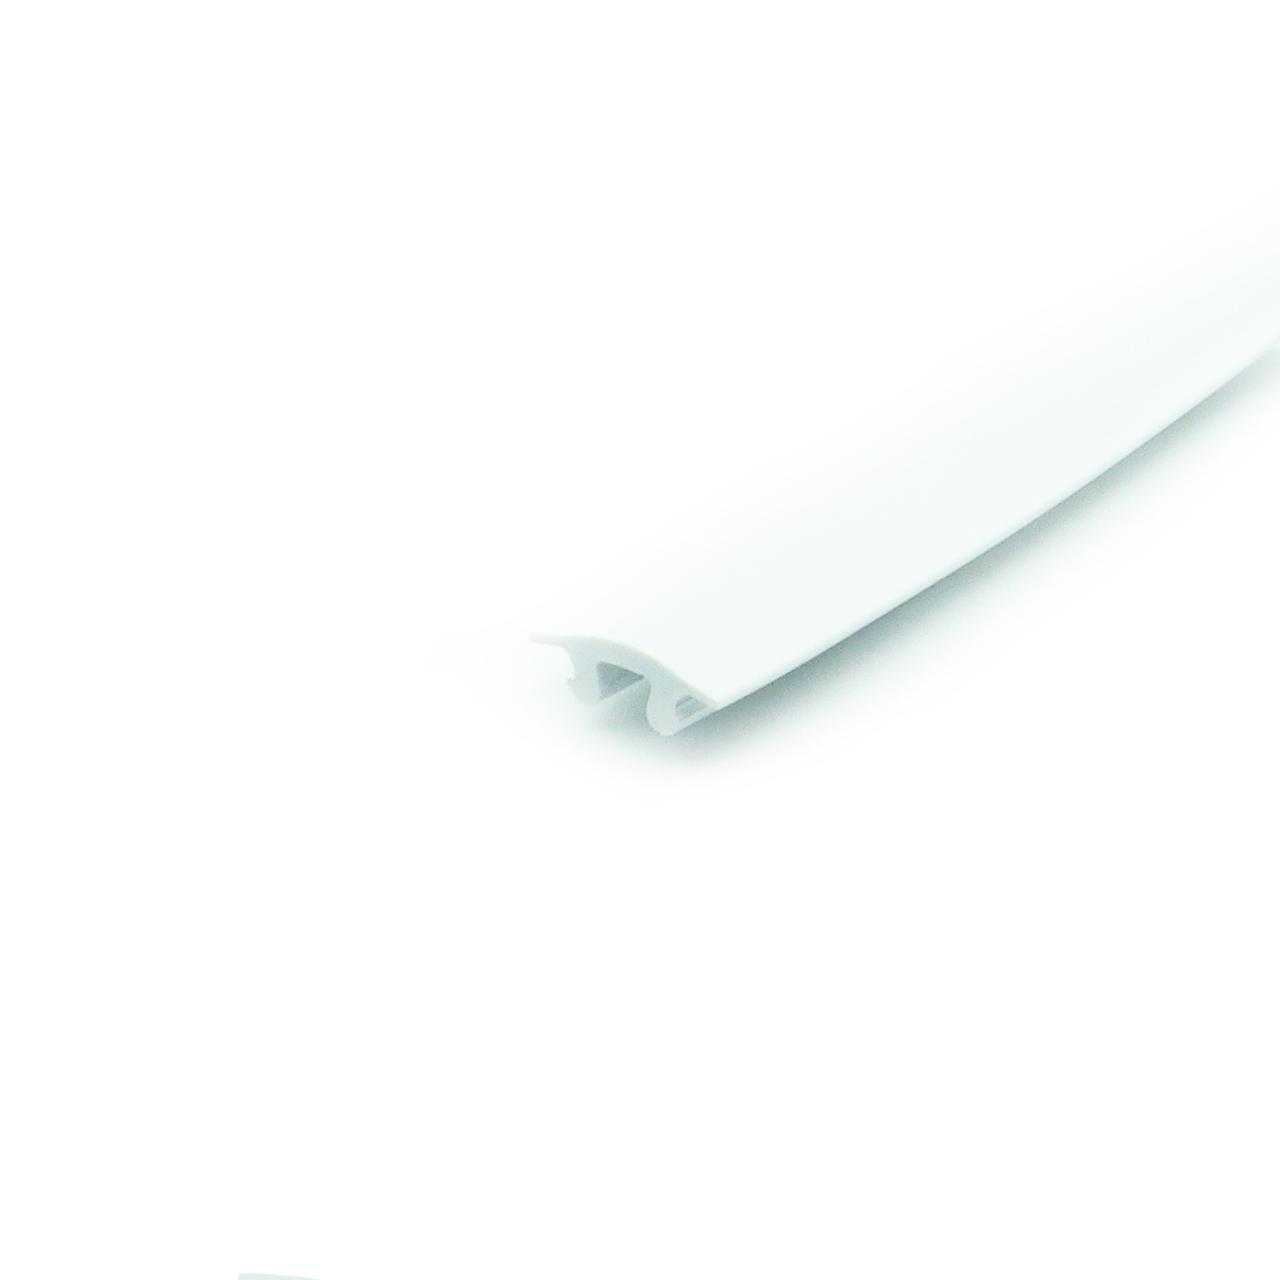 Вставка декоративна для натяжної стелі W (Сепараційні, ширина 11 мм)